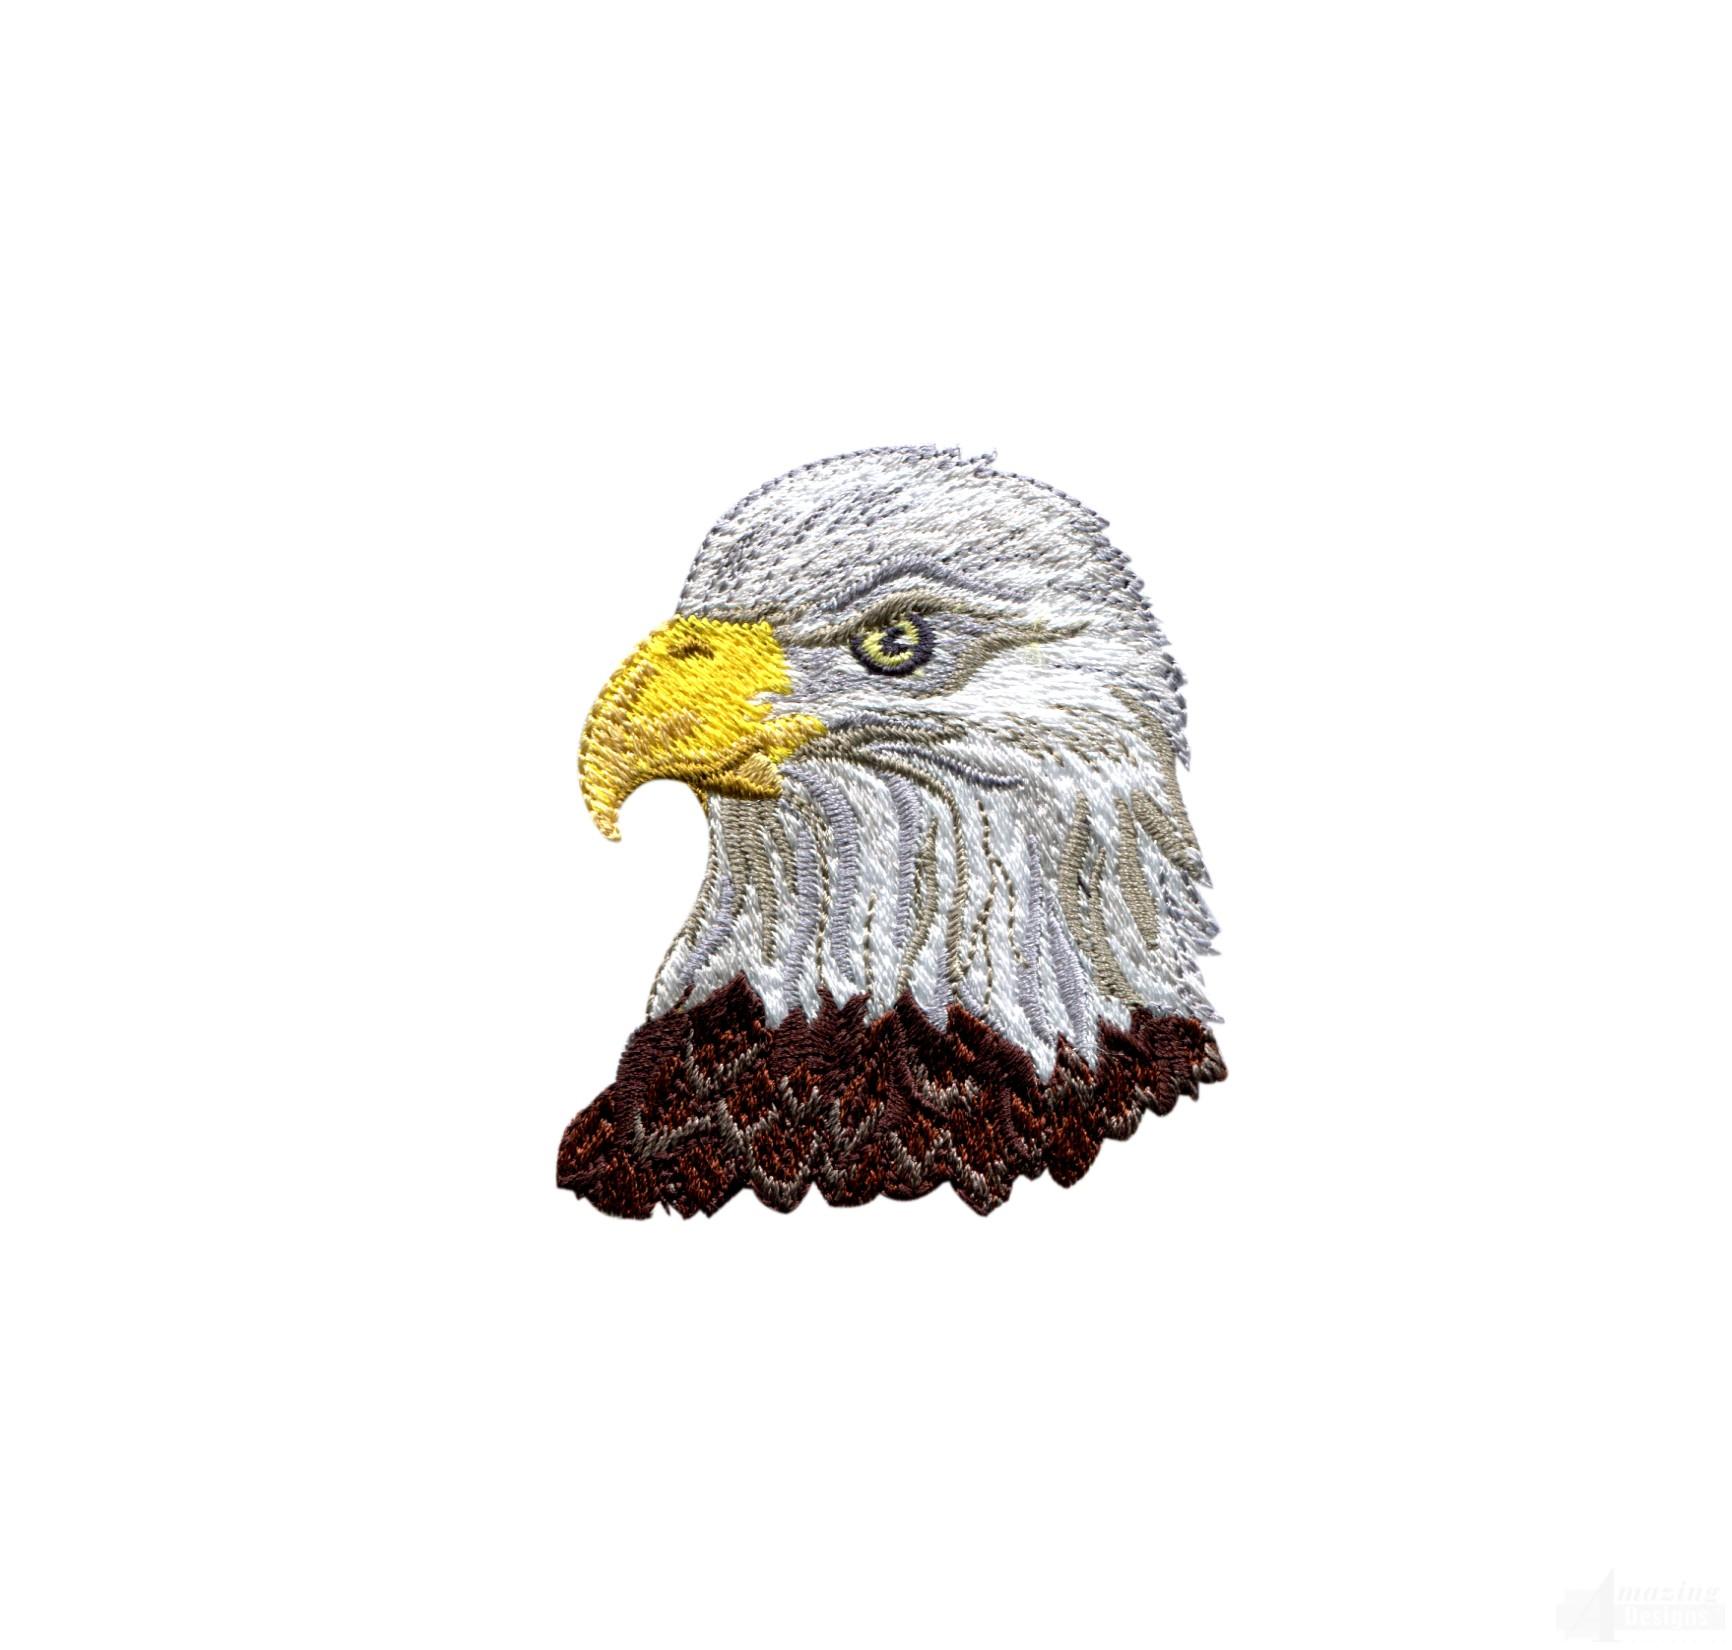 Bald Eagle Head 3 Embroidery Design